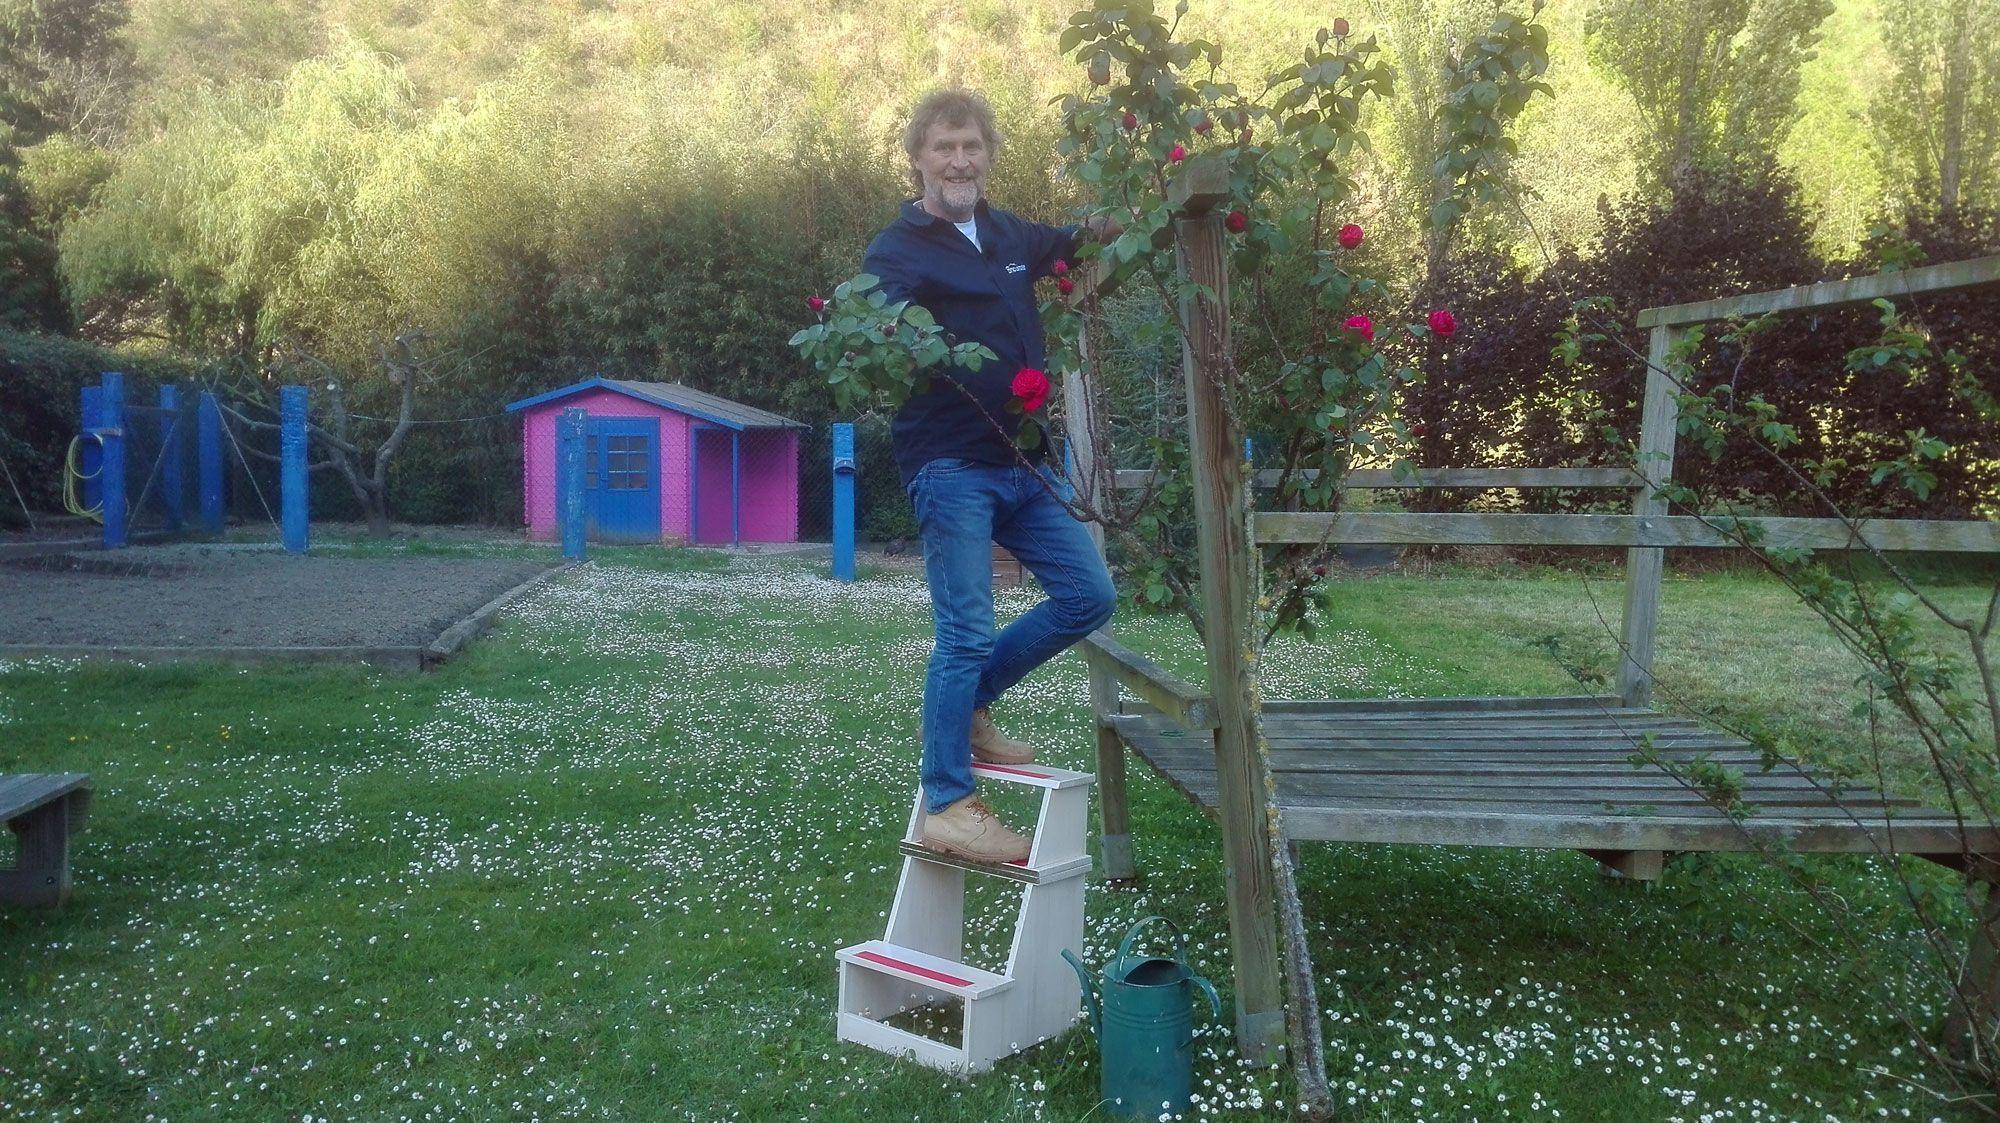 Programa de bricoman a del 13 de mayo de 2017 bricoman a - Bricomania jardineria ...